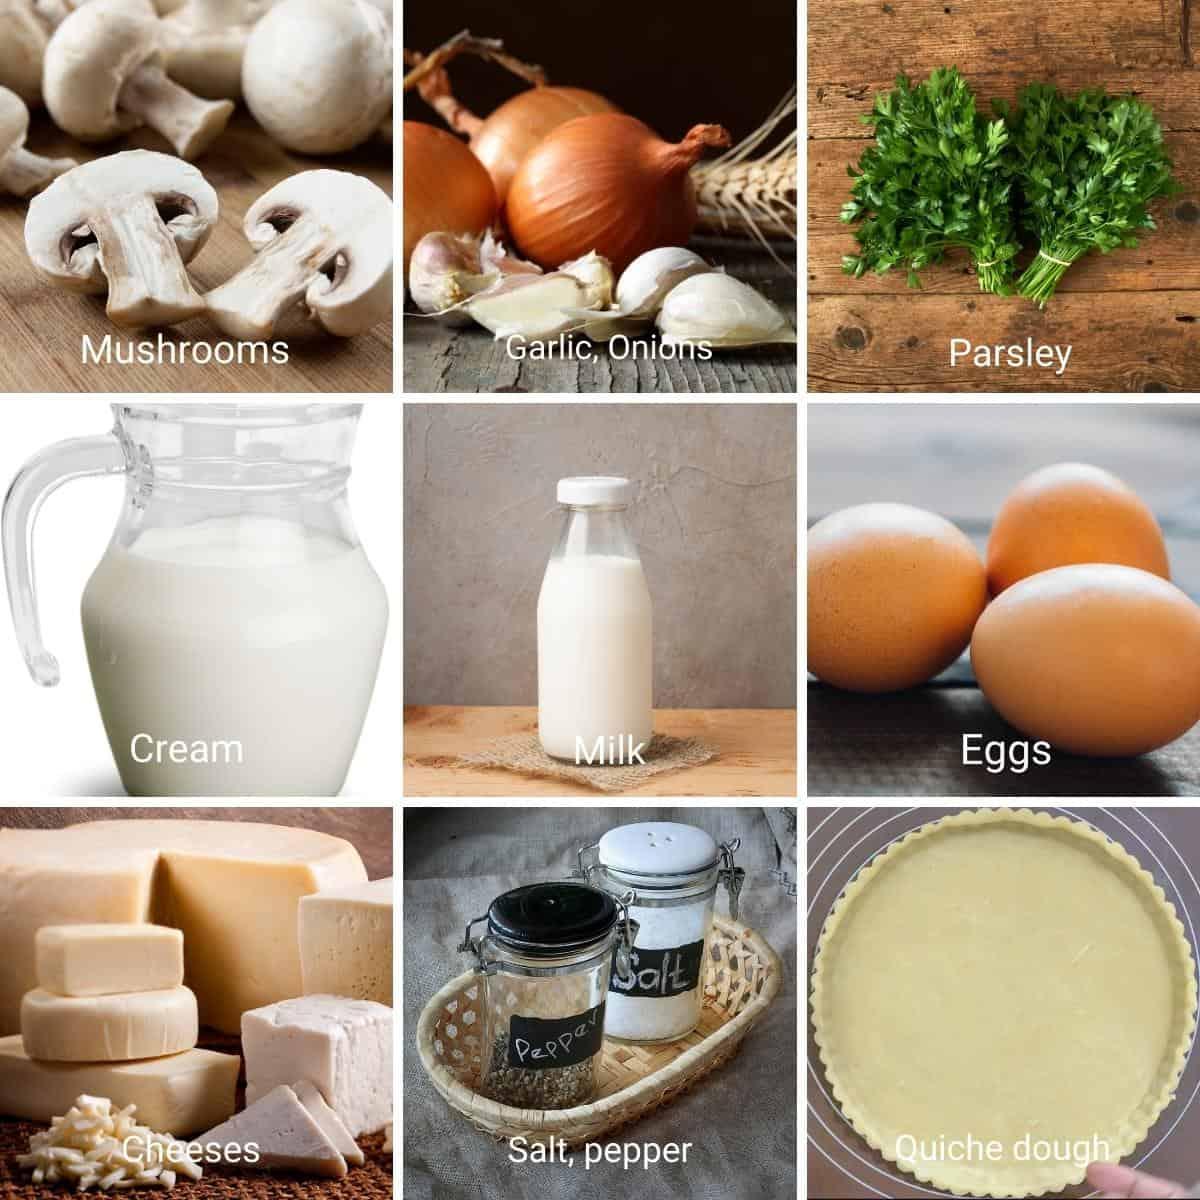 Mushrooms quiche Ingredients shot collage.